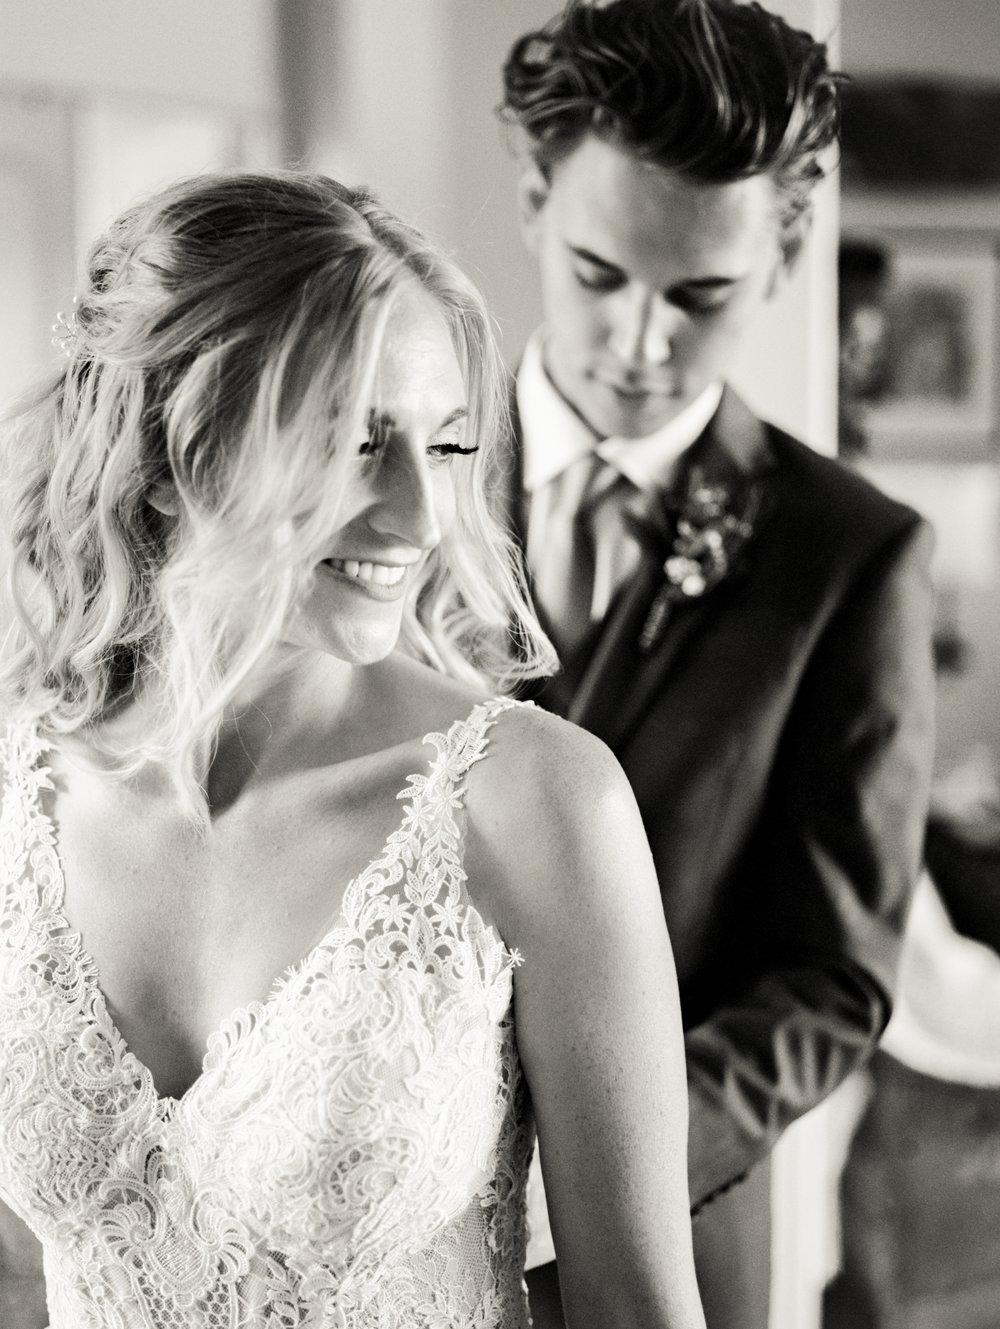 dennisroycoronel_ashleyanthony_vanessahudgens_austinbutler_wedding_losangeles_photographer-35.jpg